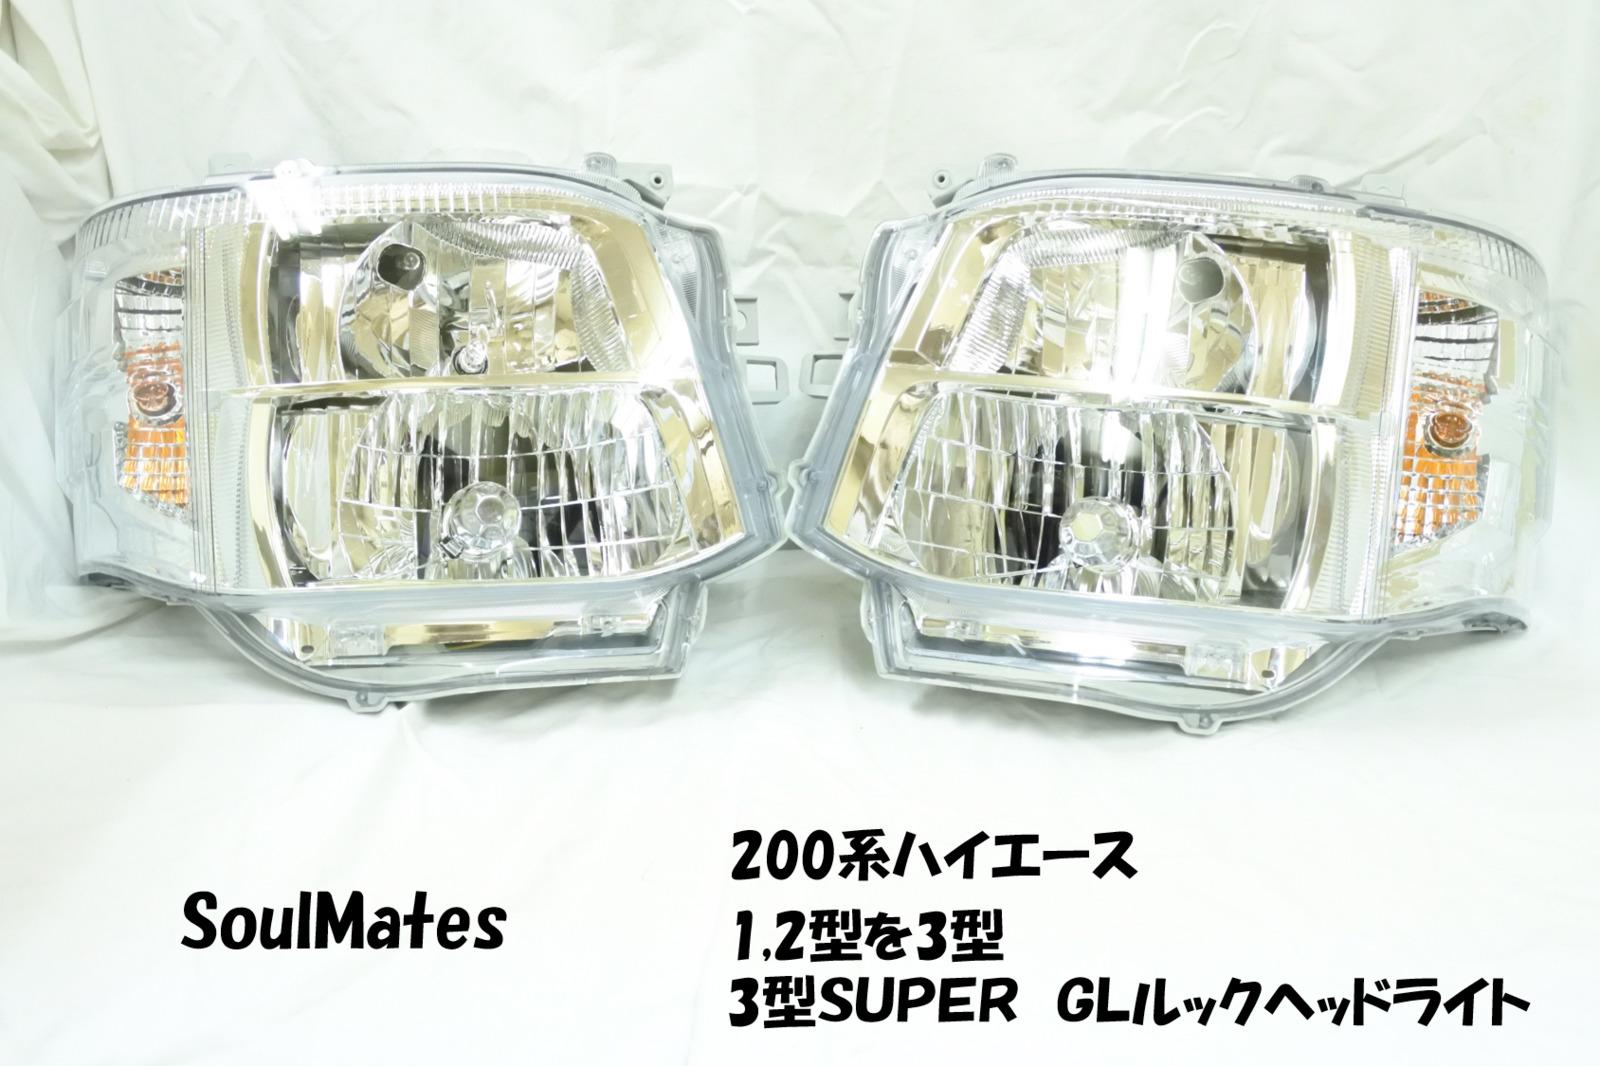 Soulmates ソウルメイツ品番 OGT-T01200系ハイエース    1,2型が3型に!    3型SUPER GLルックヘッドライト変換ブラケット gt-t03-1 が必要になります。【顔面チェンジ】【アウトレット】